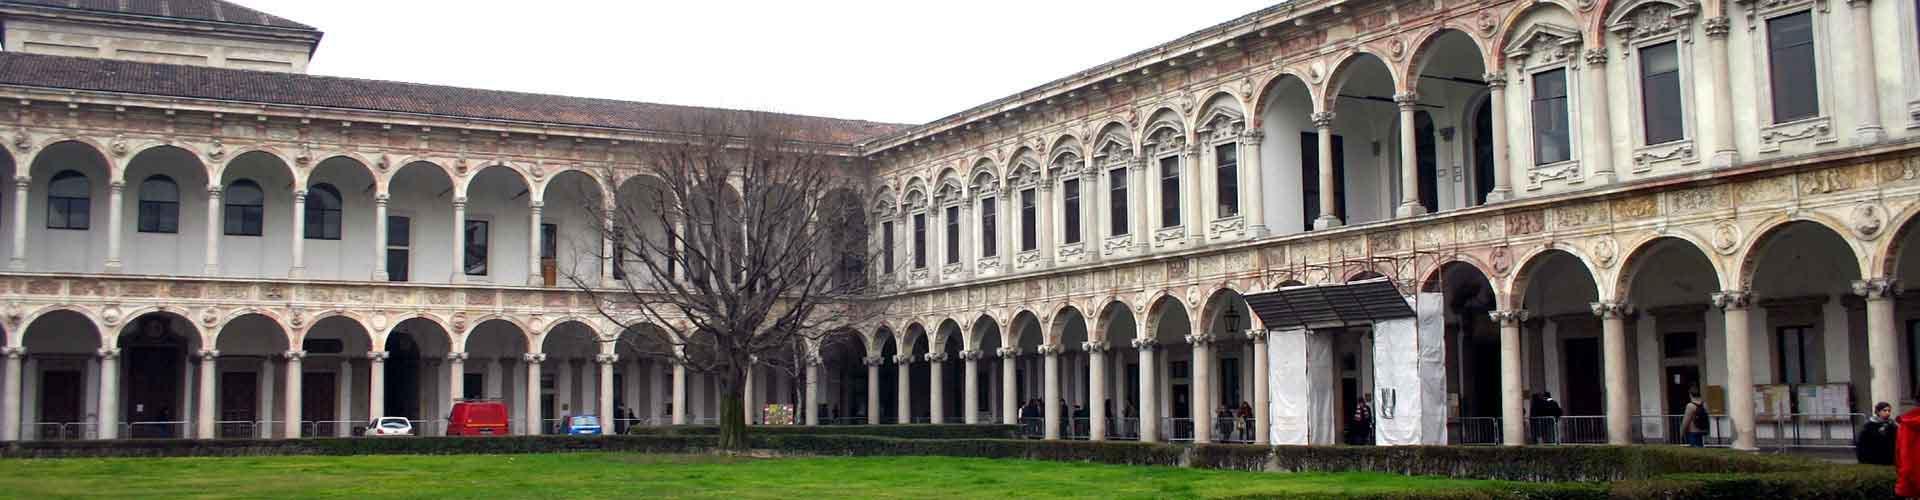 Milano – Huoneet kaupungiosassa Ospedale Maggiore. Milano -karttoja, valokuvia ja arvosteluja kaikista Milano -huoneista.